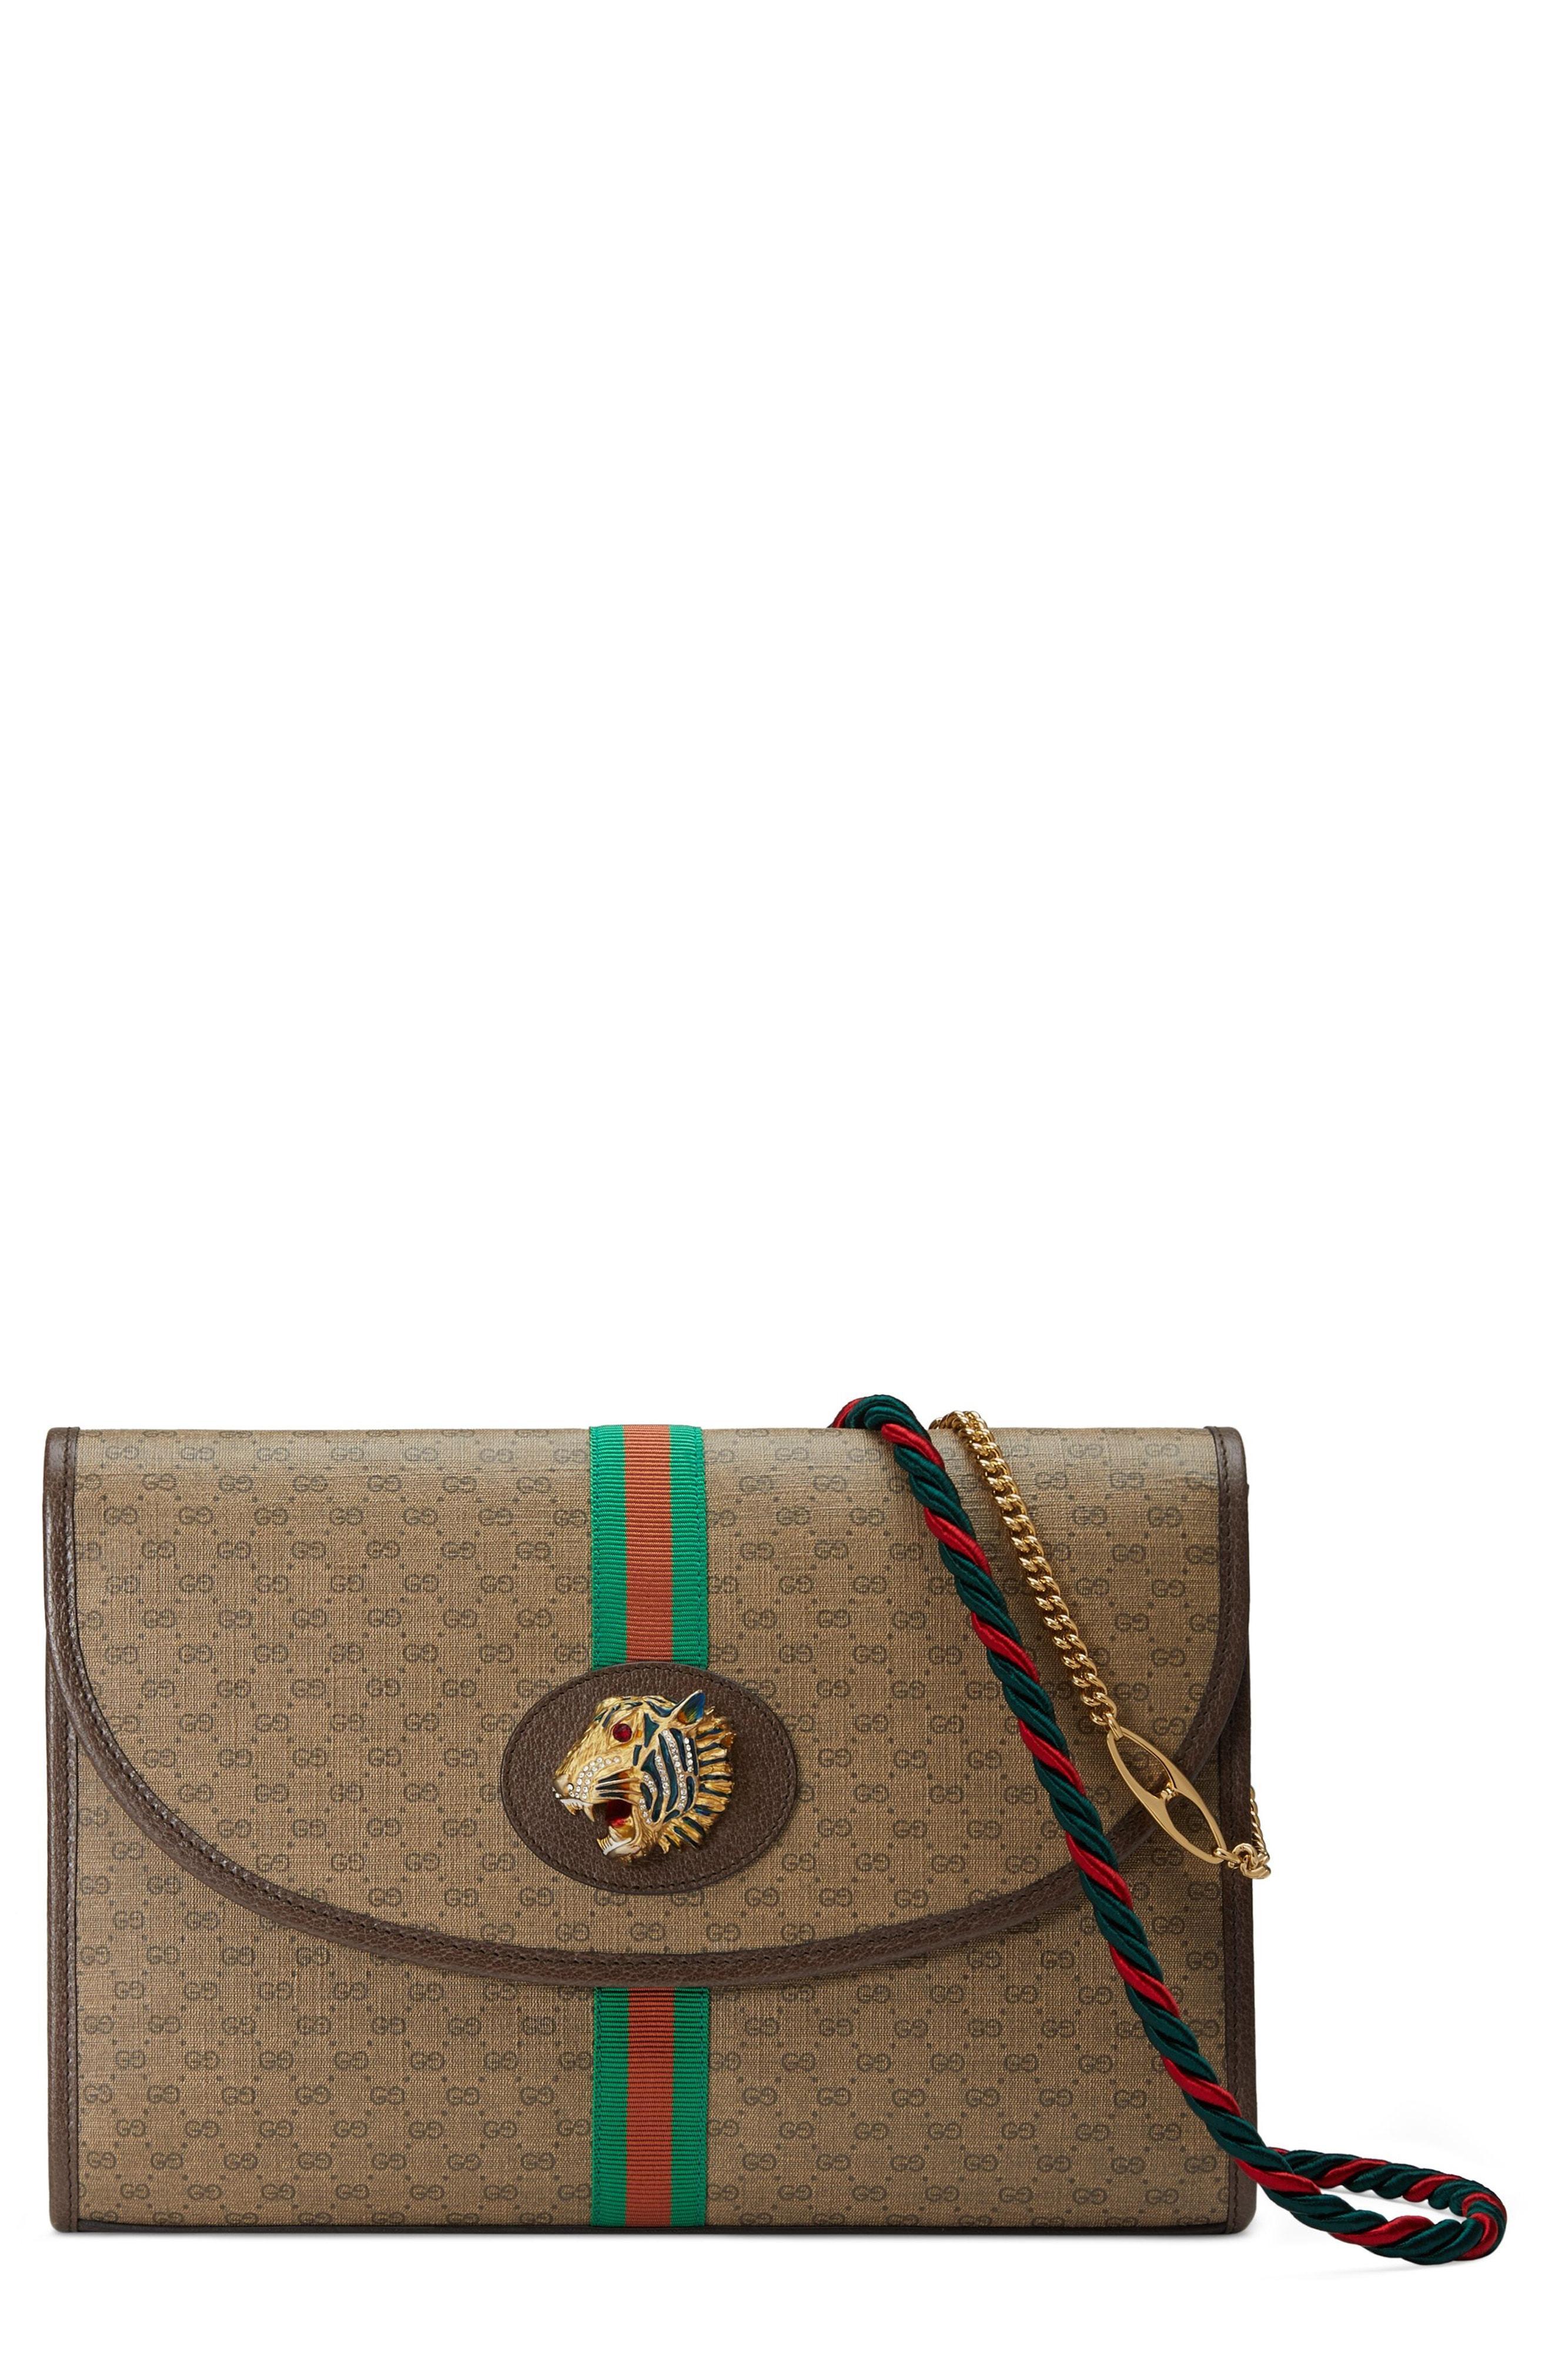 8f357911902 Lyst - Gucci Medium Linea Rajah Shoulder Bag in Natural